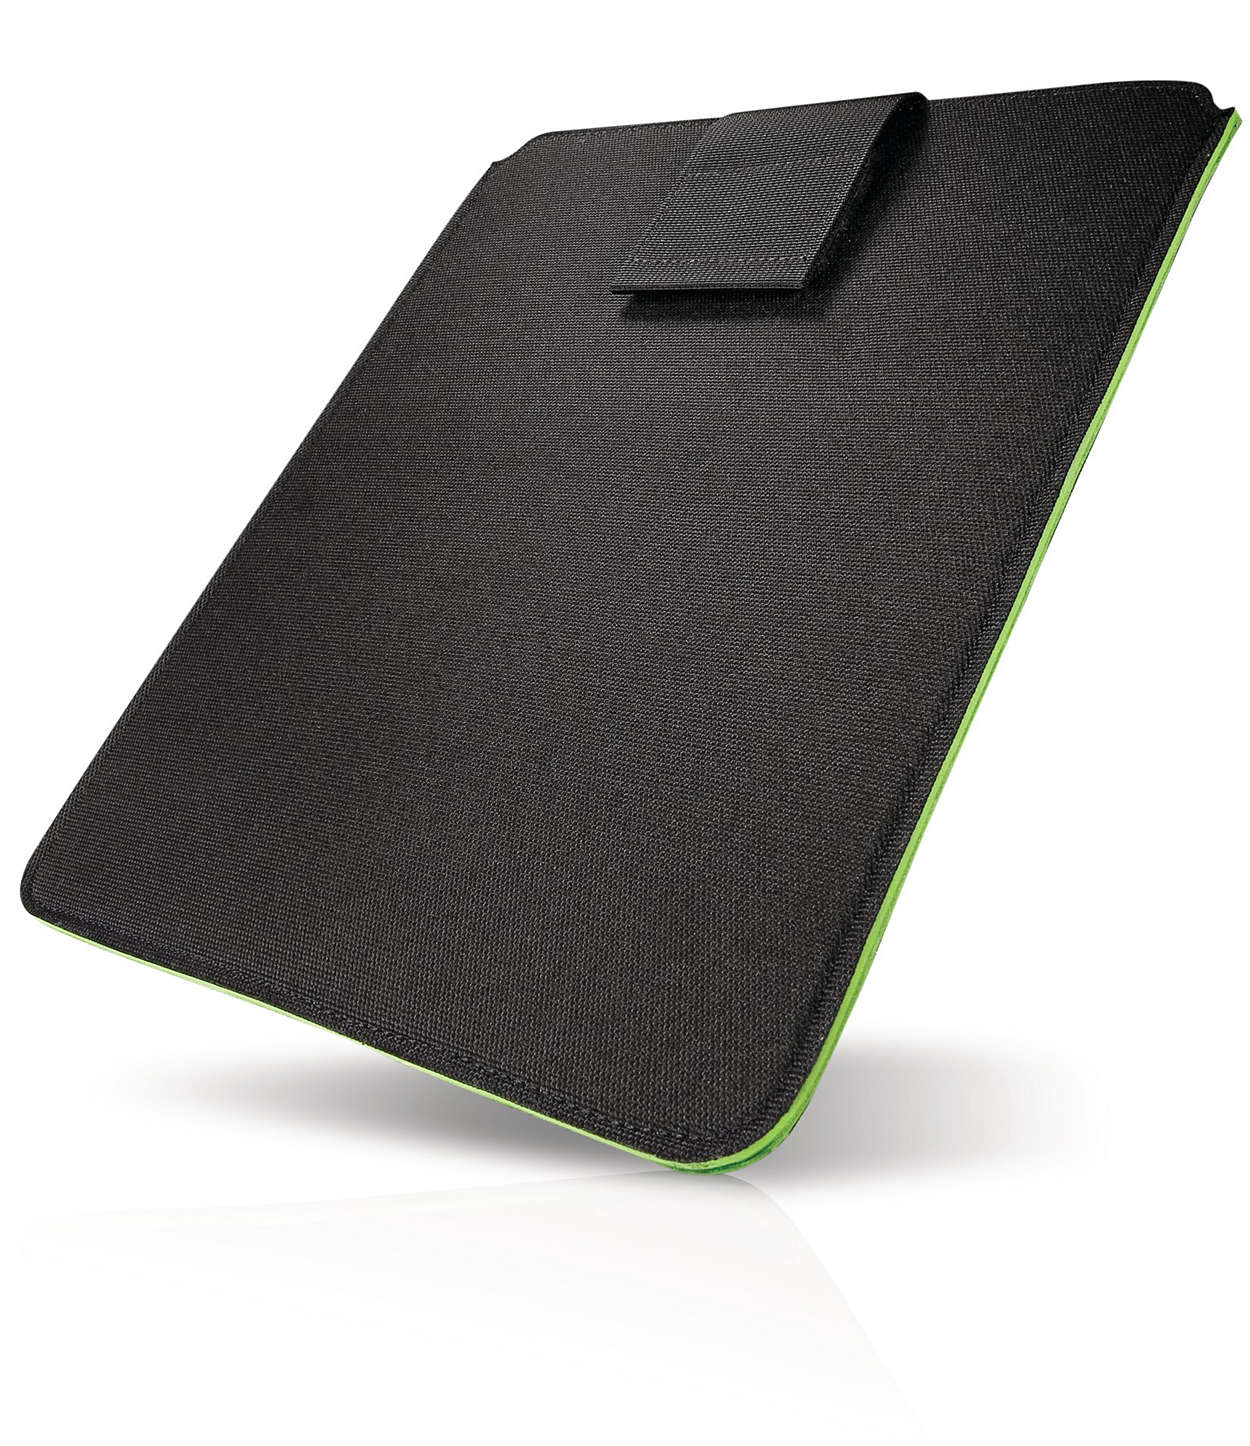 Melhor protecção para iPad